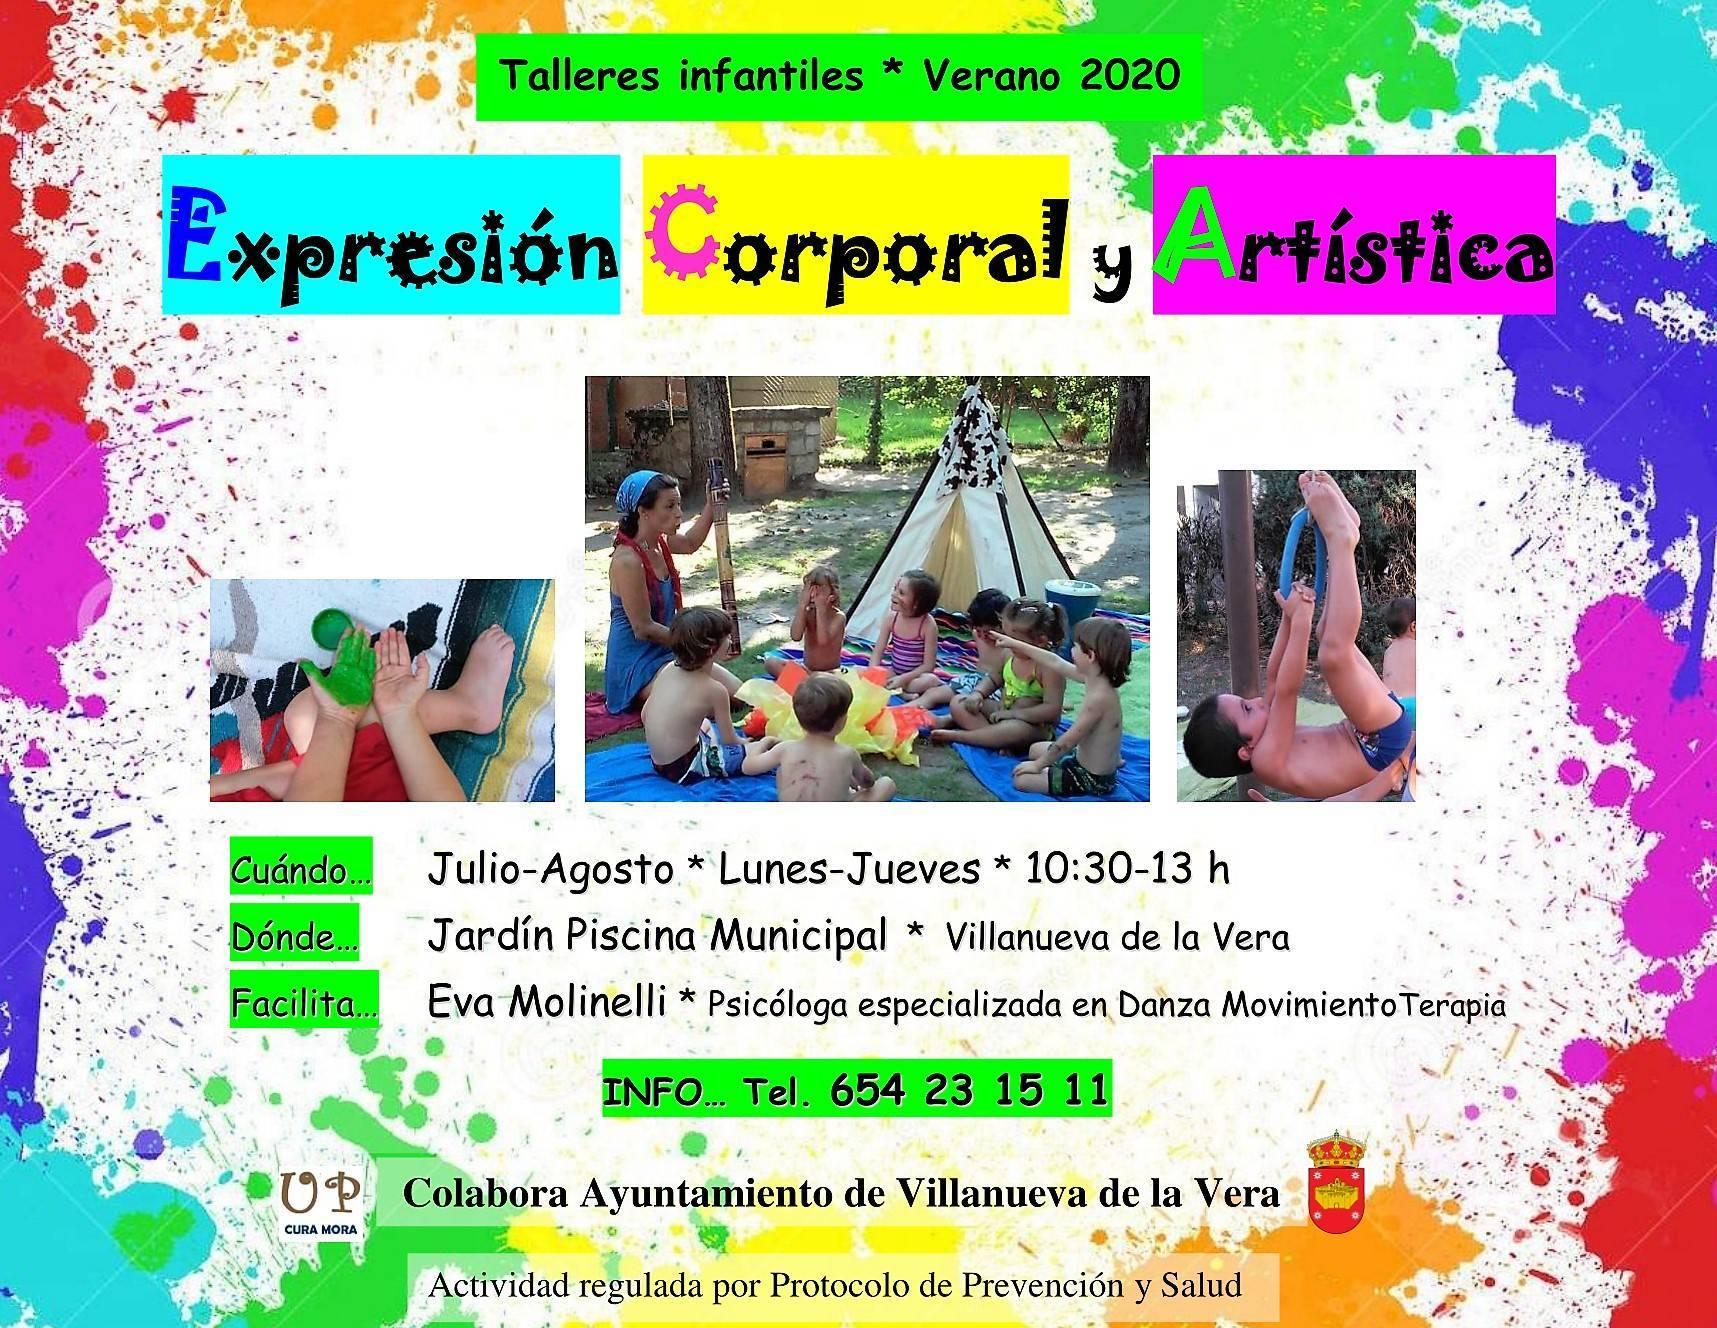 Taller de expresión corporal y artística 2020 - Villanueva de la Vera (Cáceres)